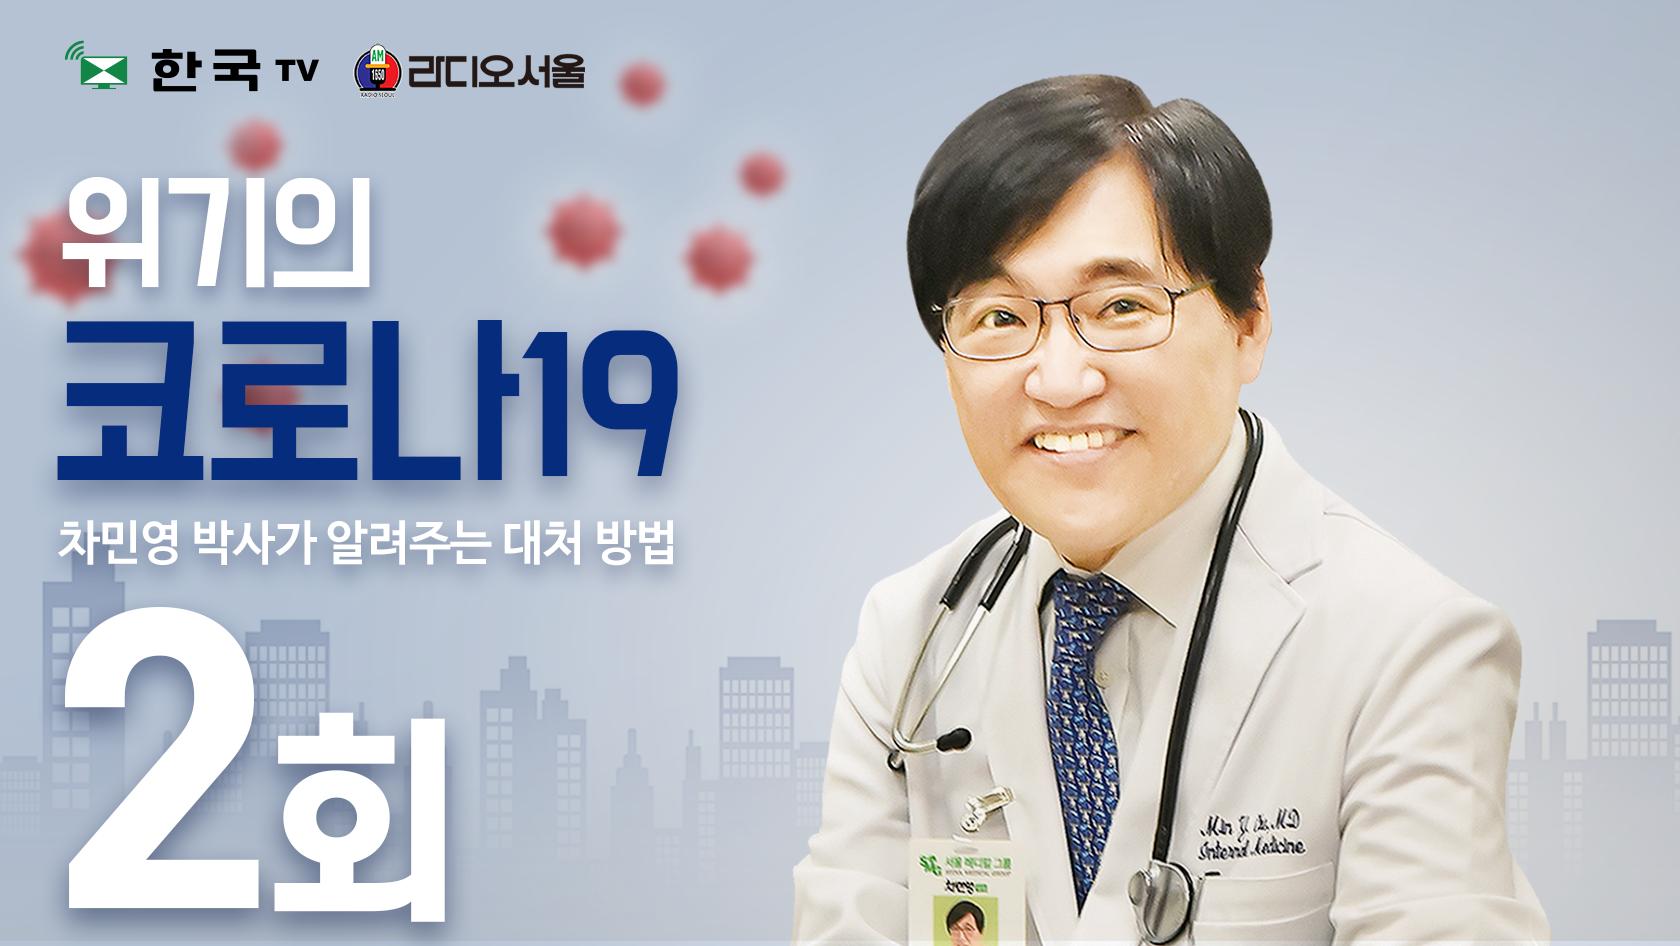 [차민영 박사] - 2회 위기의 코로나19 백신 현황과 상황 대책 특집(03.11.20)